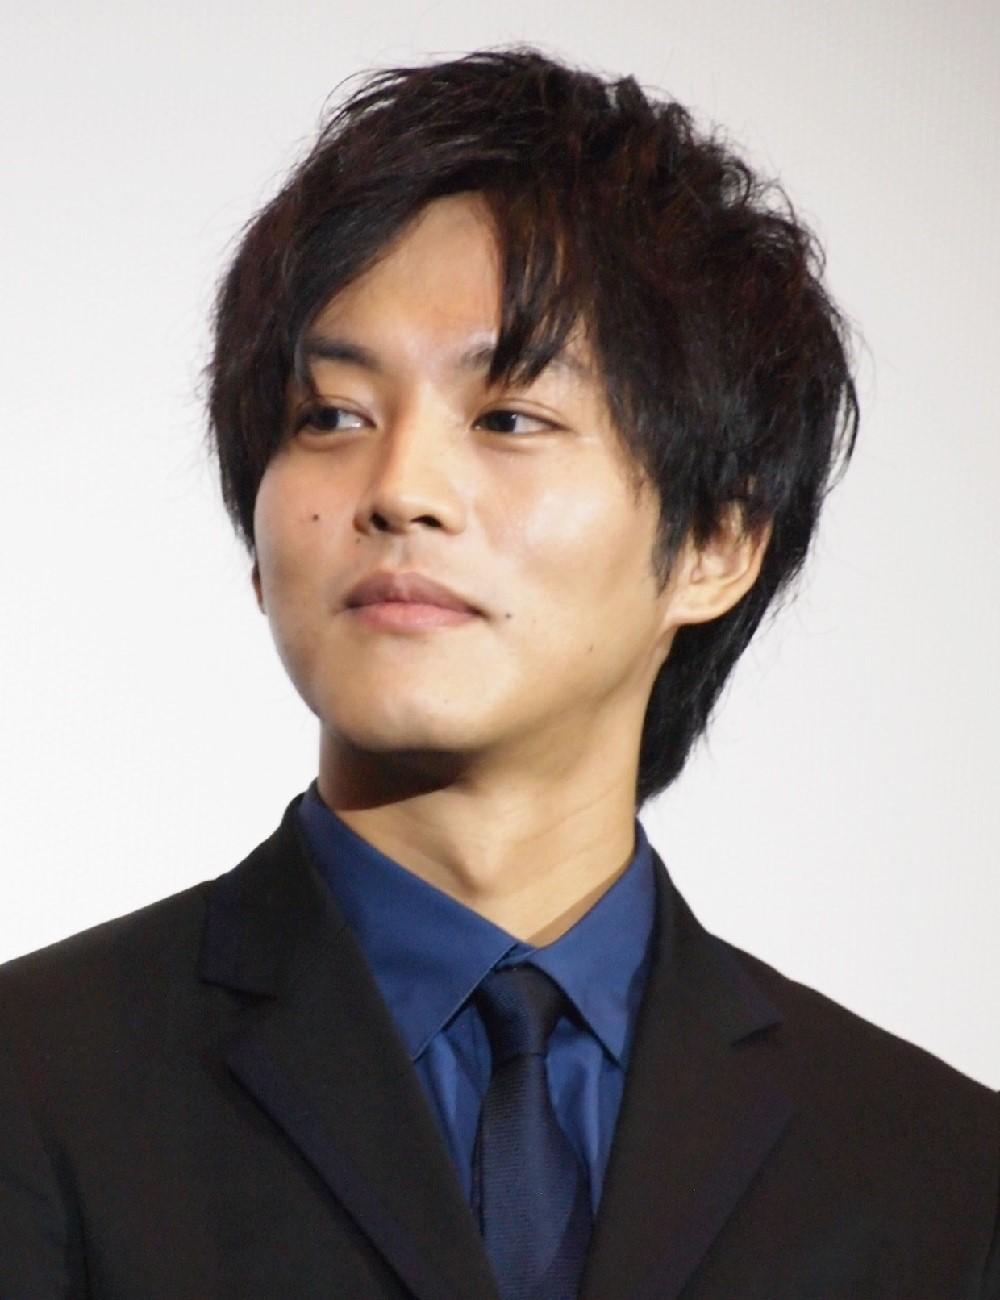 1964年東京五輪招致に貢献した岩田幸彰役を演じる松坂桃李